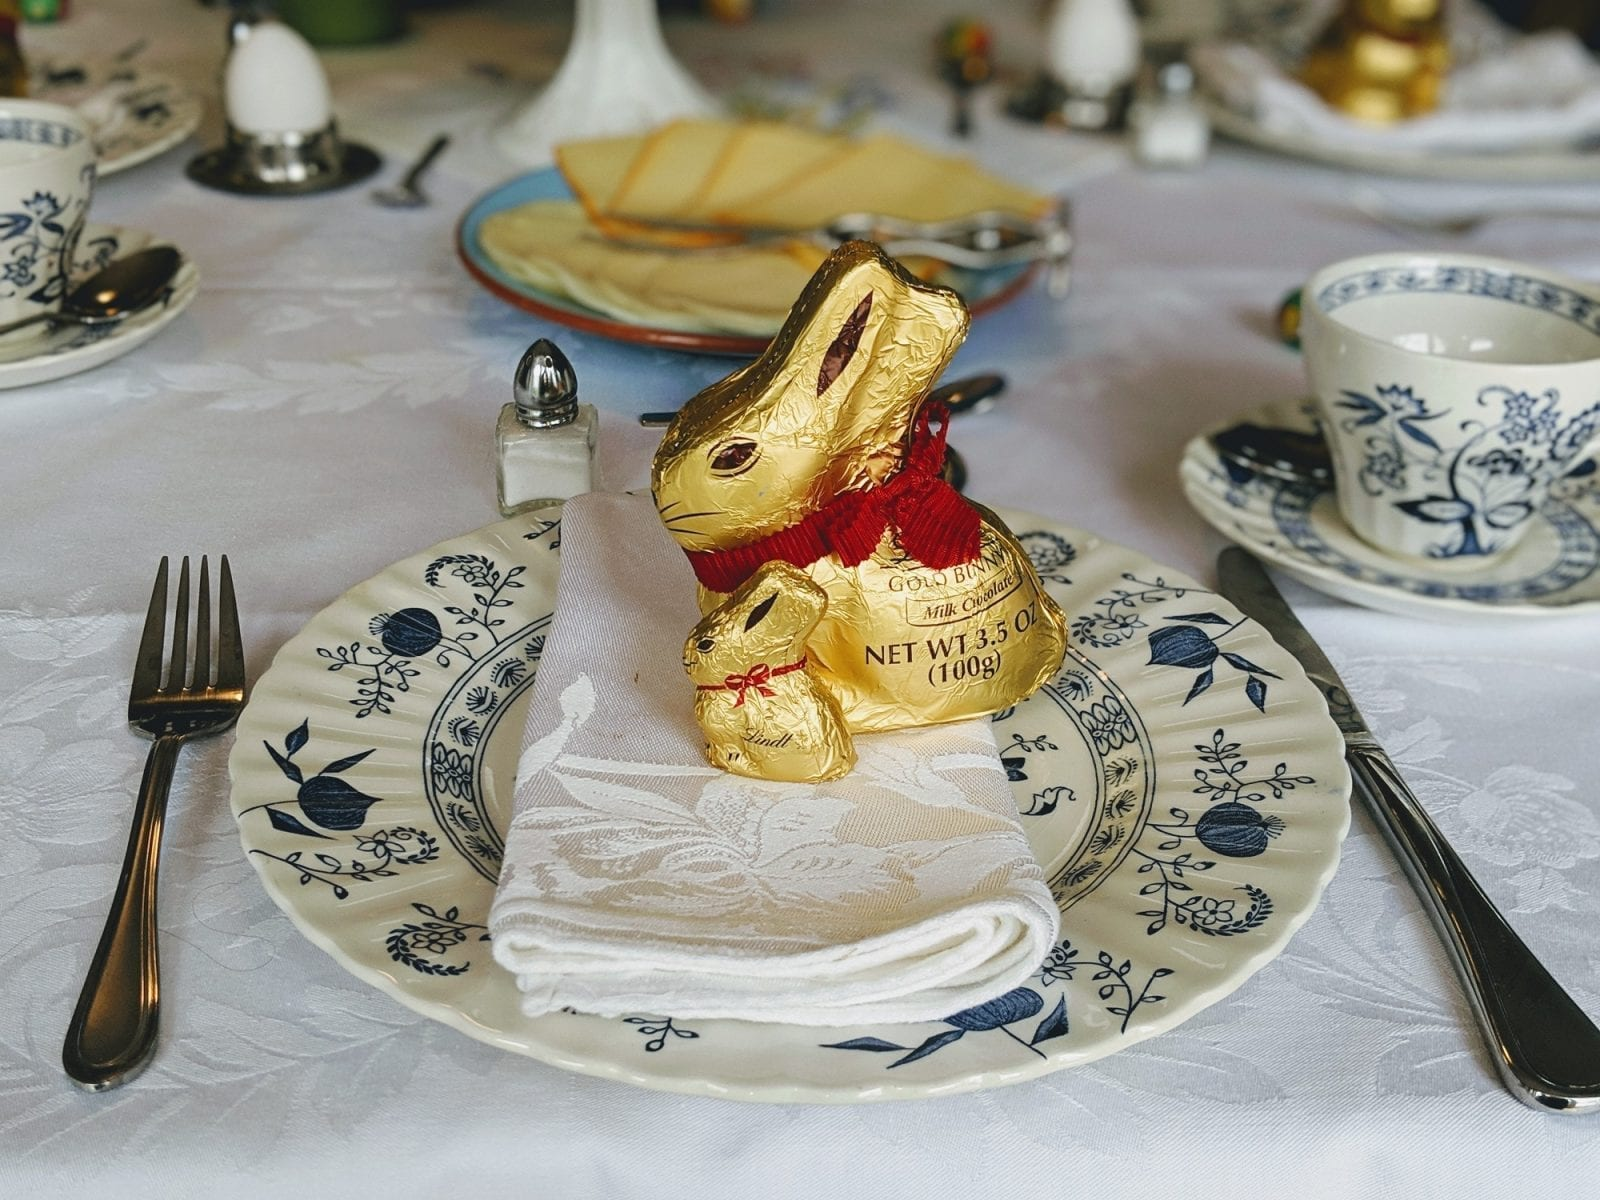 German Easter Breakfast- The BEST German Breakfast of the Year!